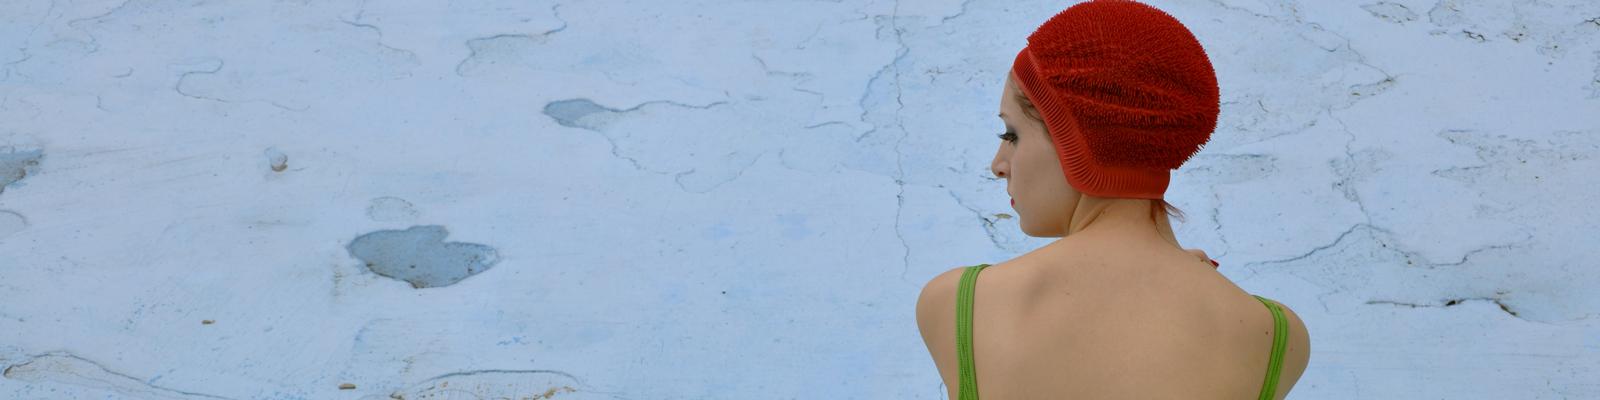 Ein Frau sitzt in Badeanzung und Bademütze neben einem großen Gummiente an einem ausgetrockneten Becken.